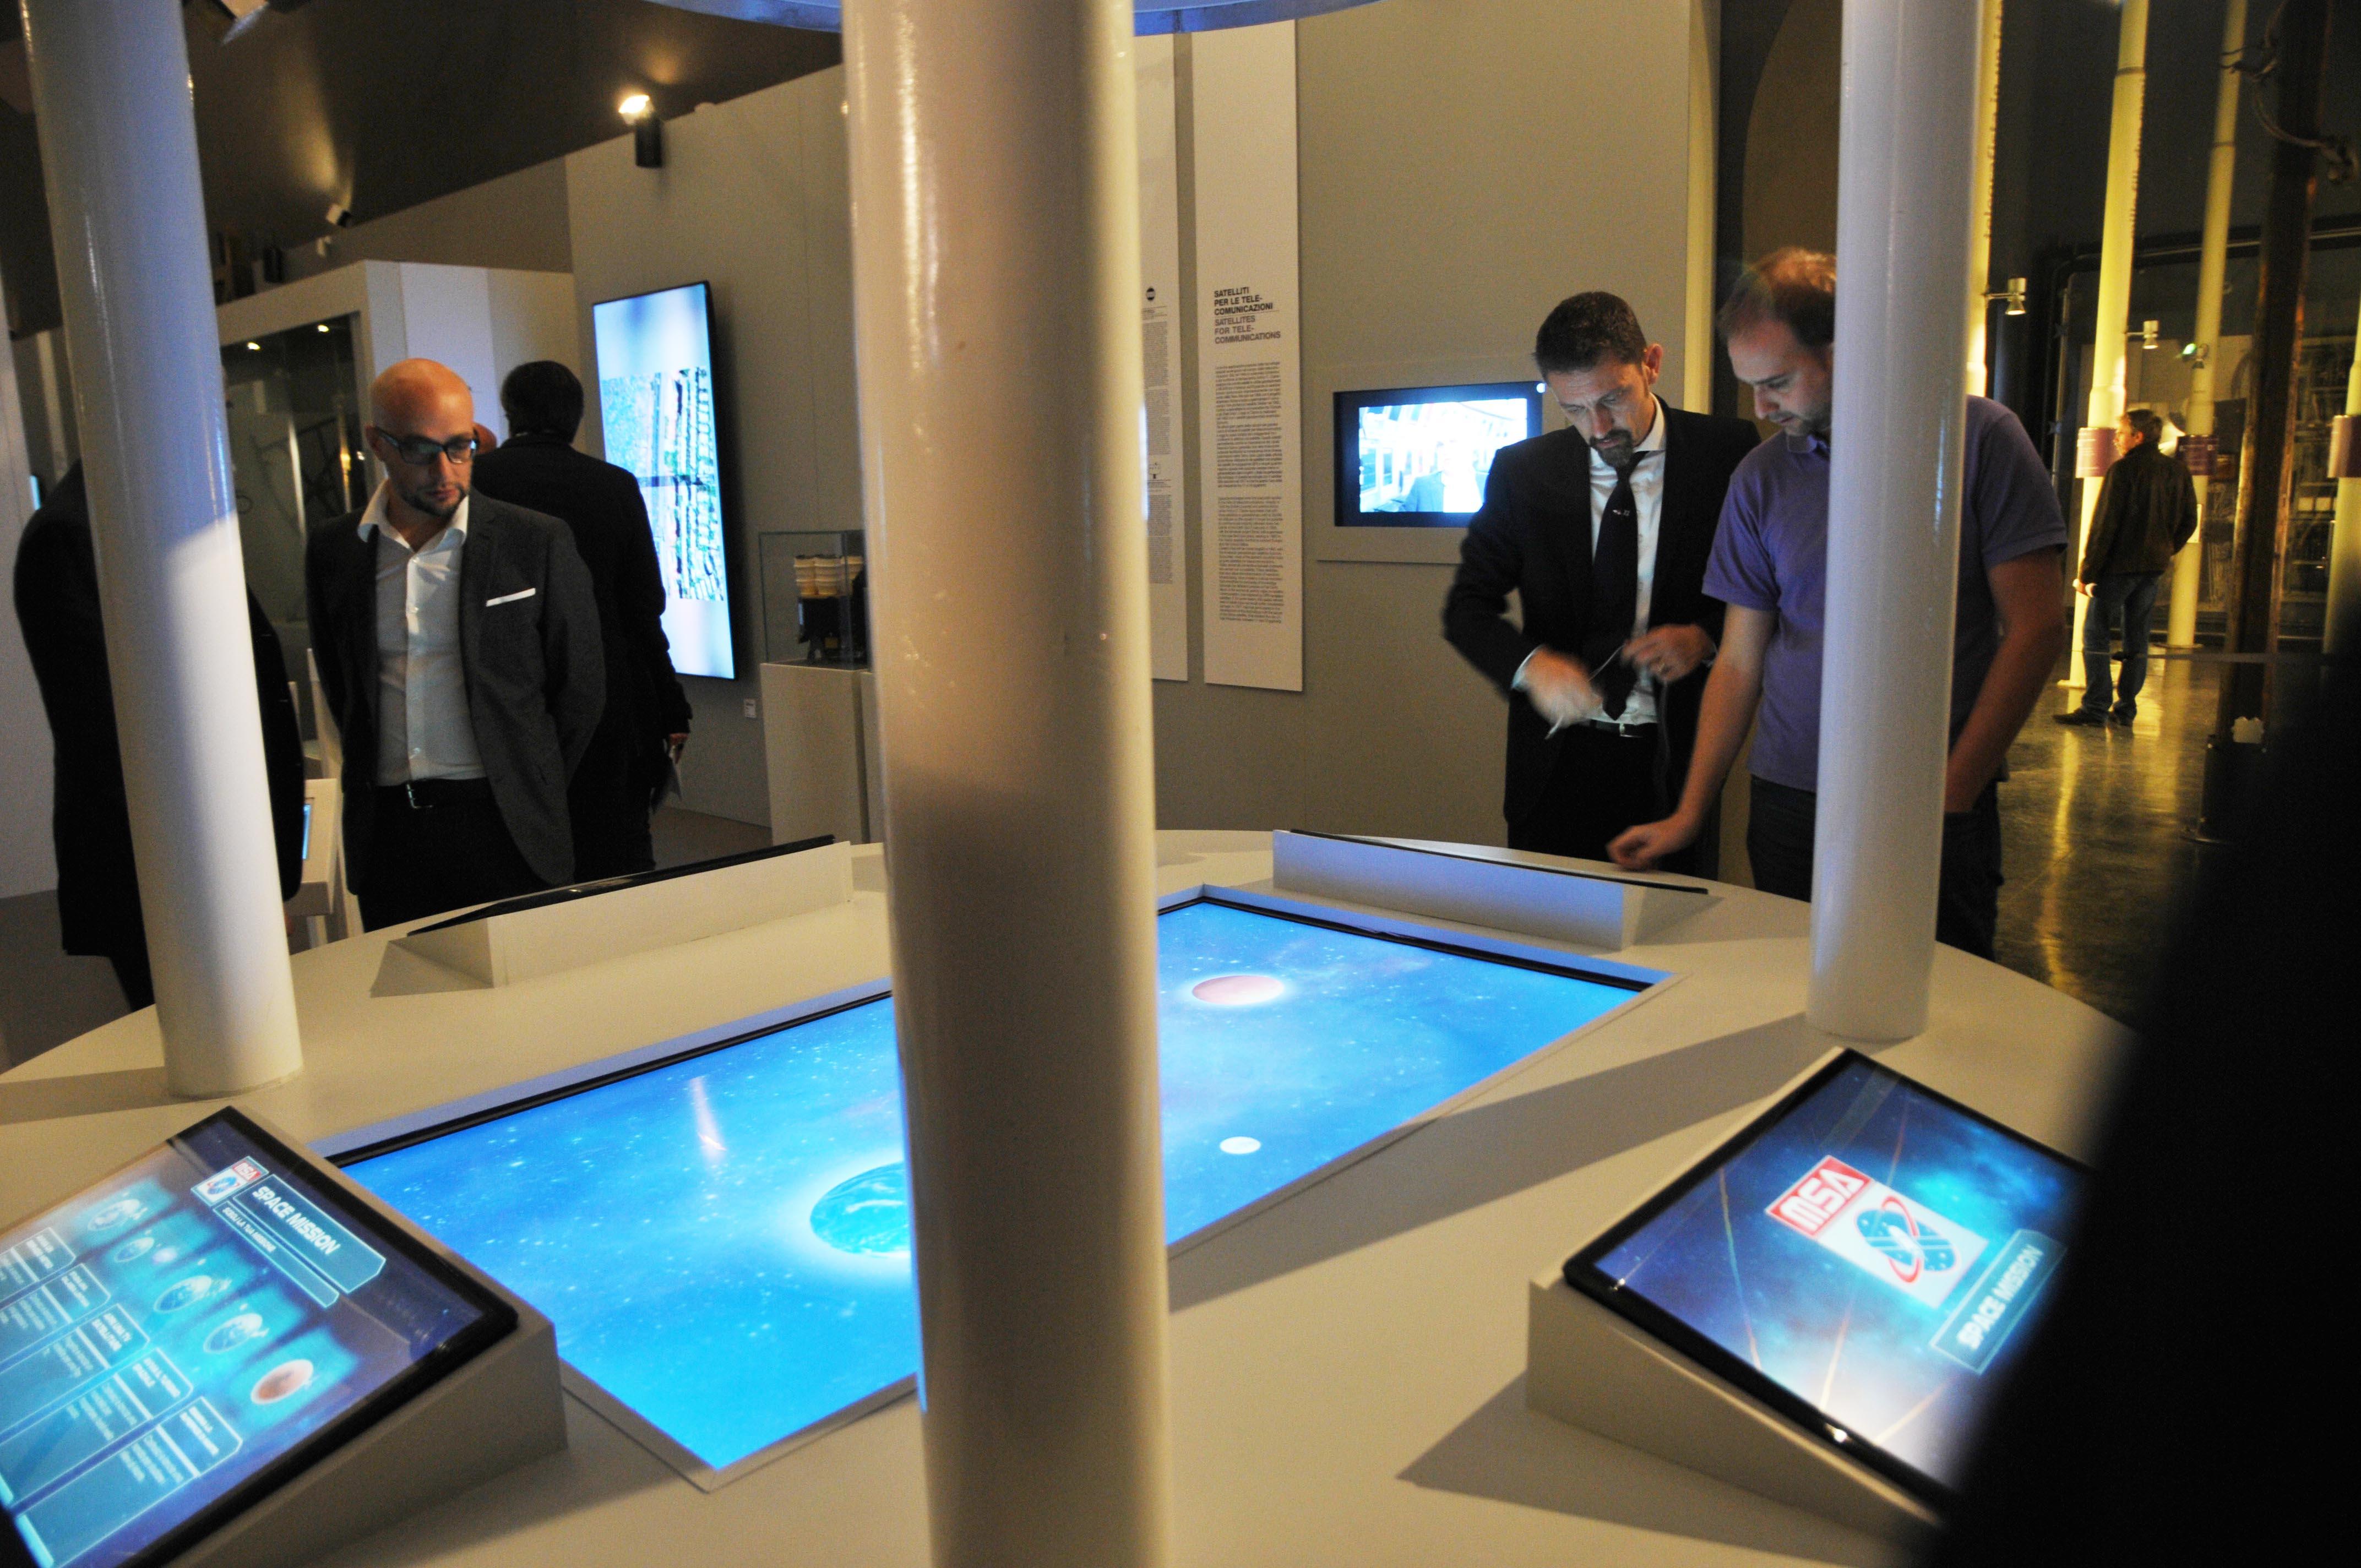 spazio-la-nuova-esposizione-interattiva-samsung-milano-museo-nazionale-scienza-tecnologia-eugene-cernan-rc-foto